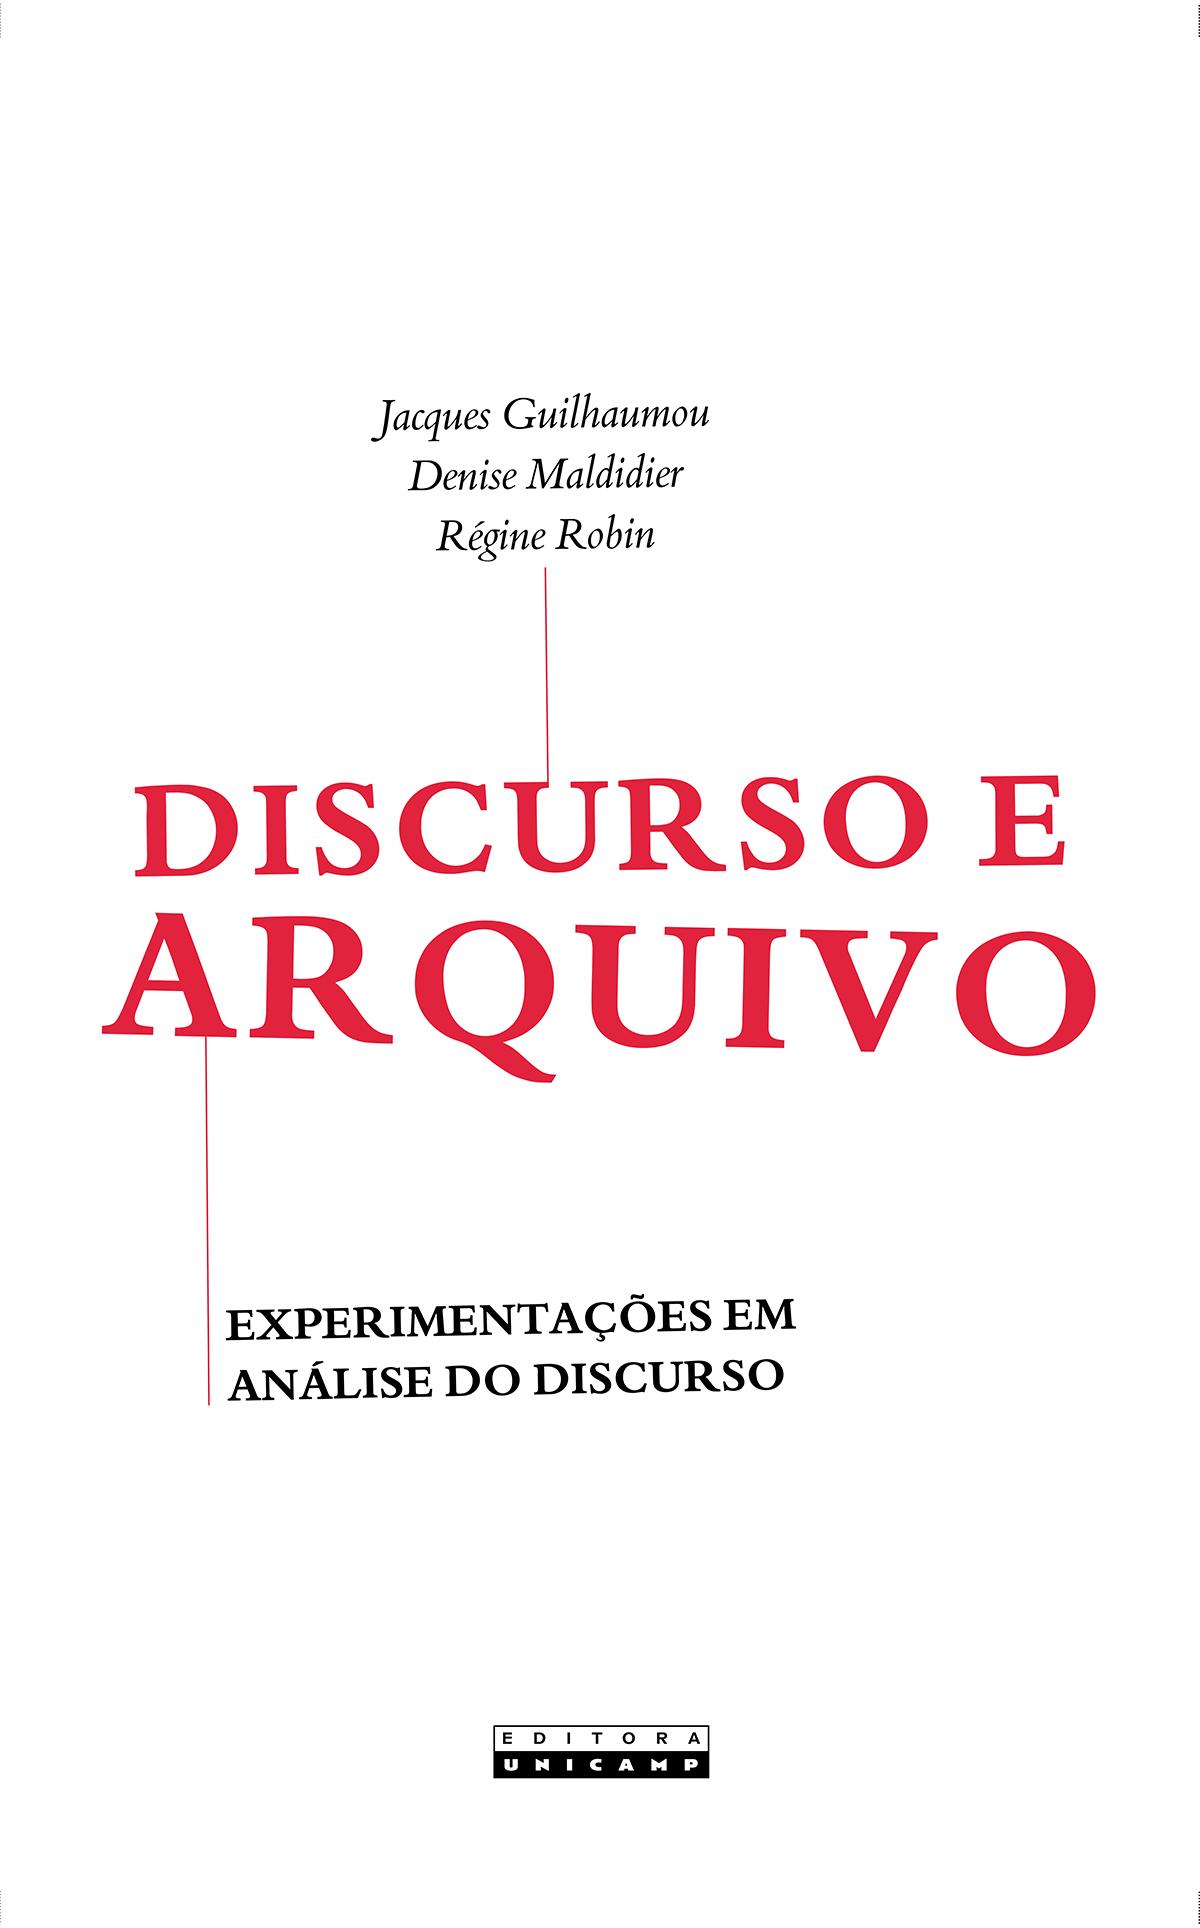 Discurso e Arquivo - Experimentações em Análise do Discurso, livro de Jacques Guilhaumou, Denise Maldidier, Régine Robin